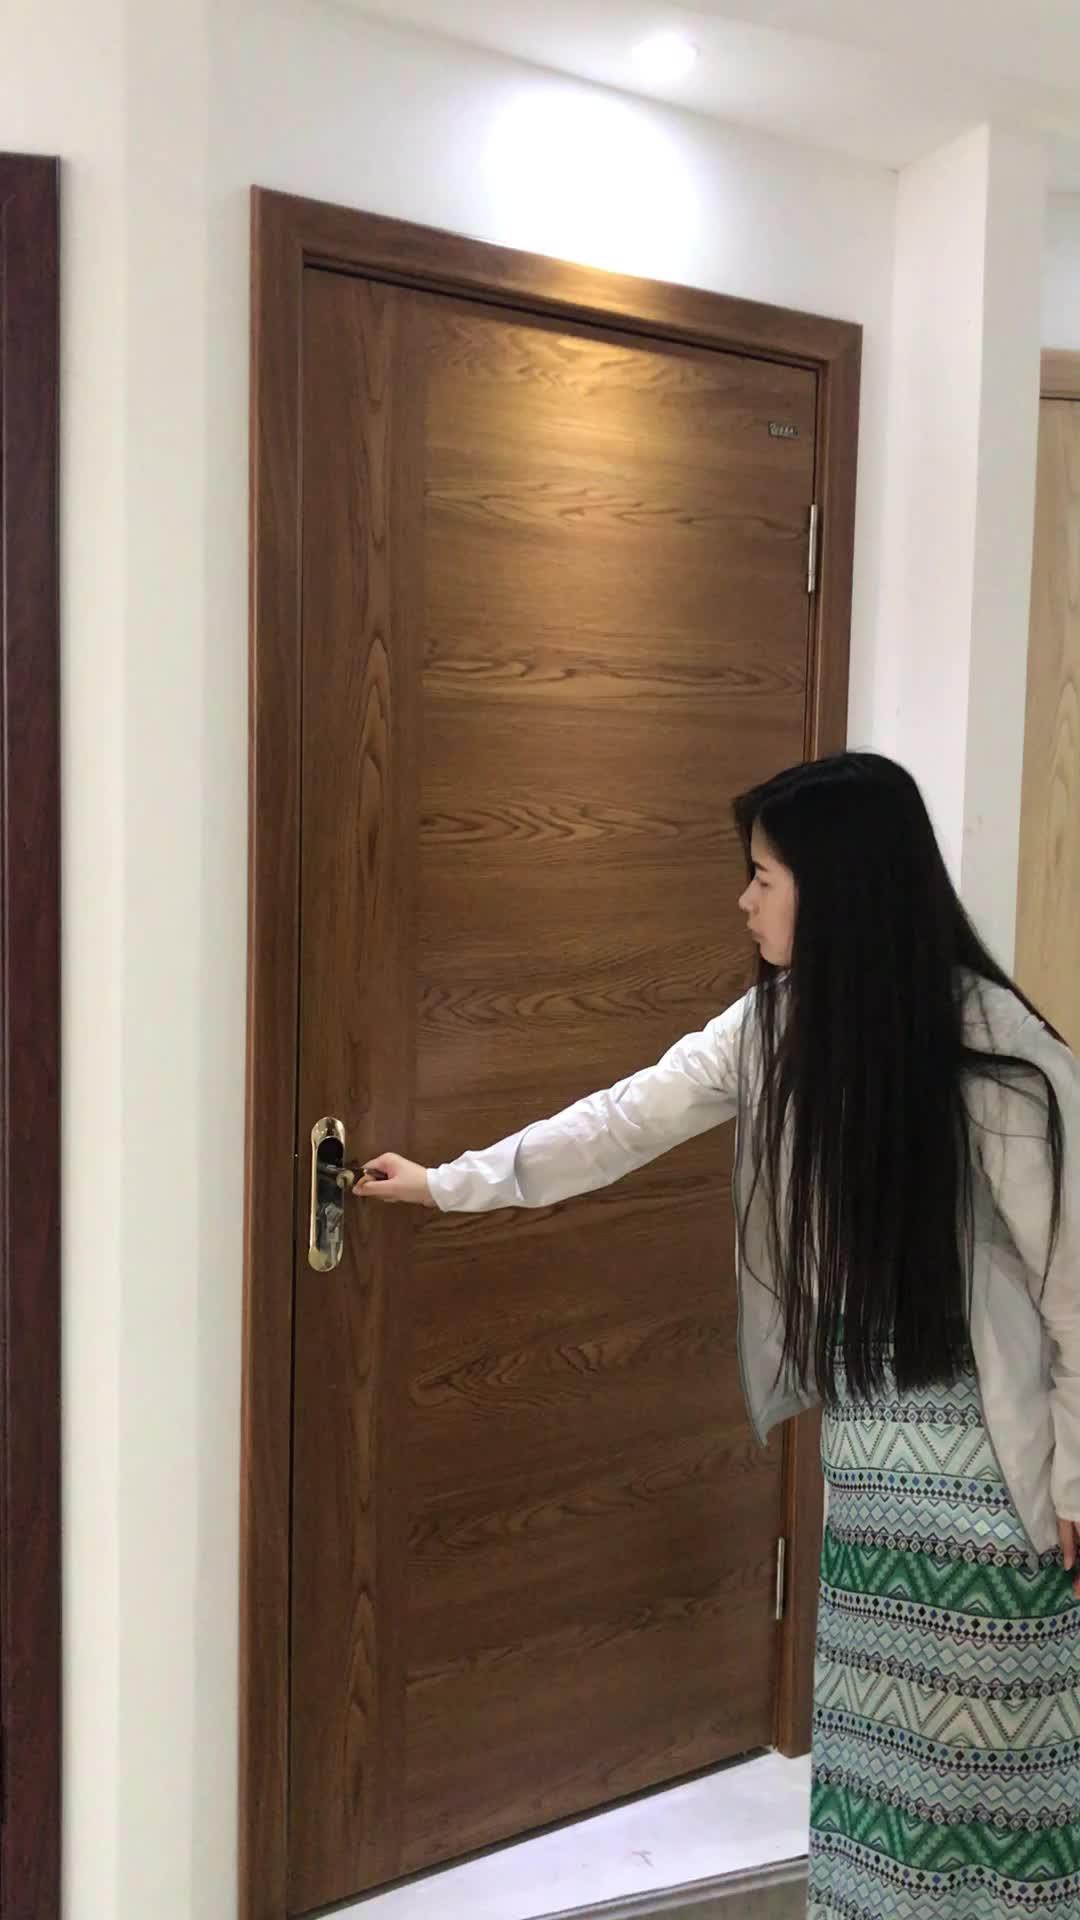 . 5  Christmas Discounts High Quality Modern Wooden Door Designs Hotel Room  Door   Buy Wooden Door Bedroom Wooden Door Designs Hotel Room Door Product